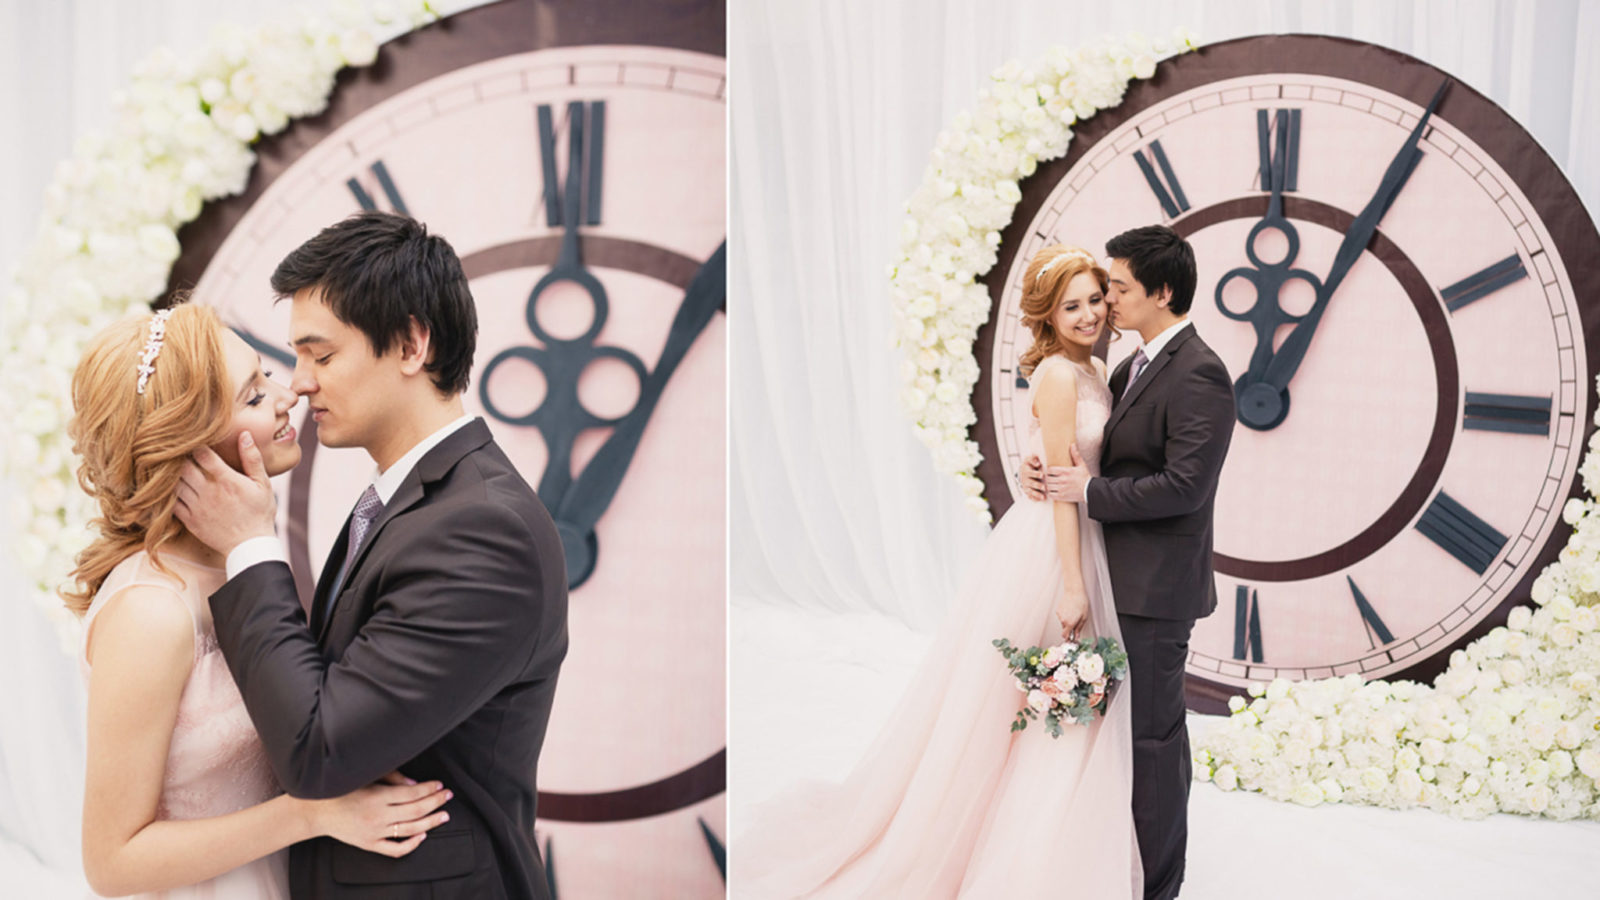 Интересный фон для фото на свадьбе